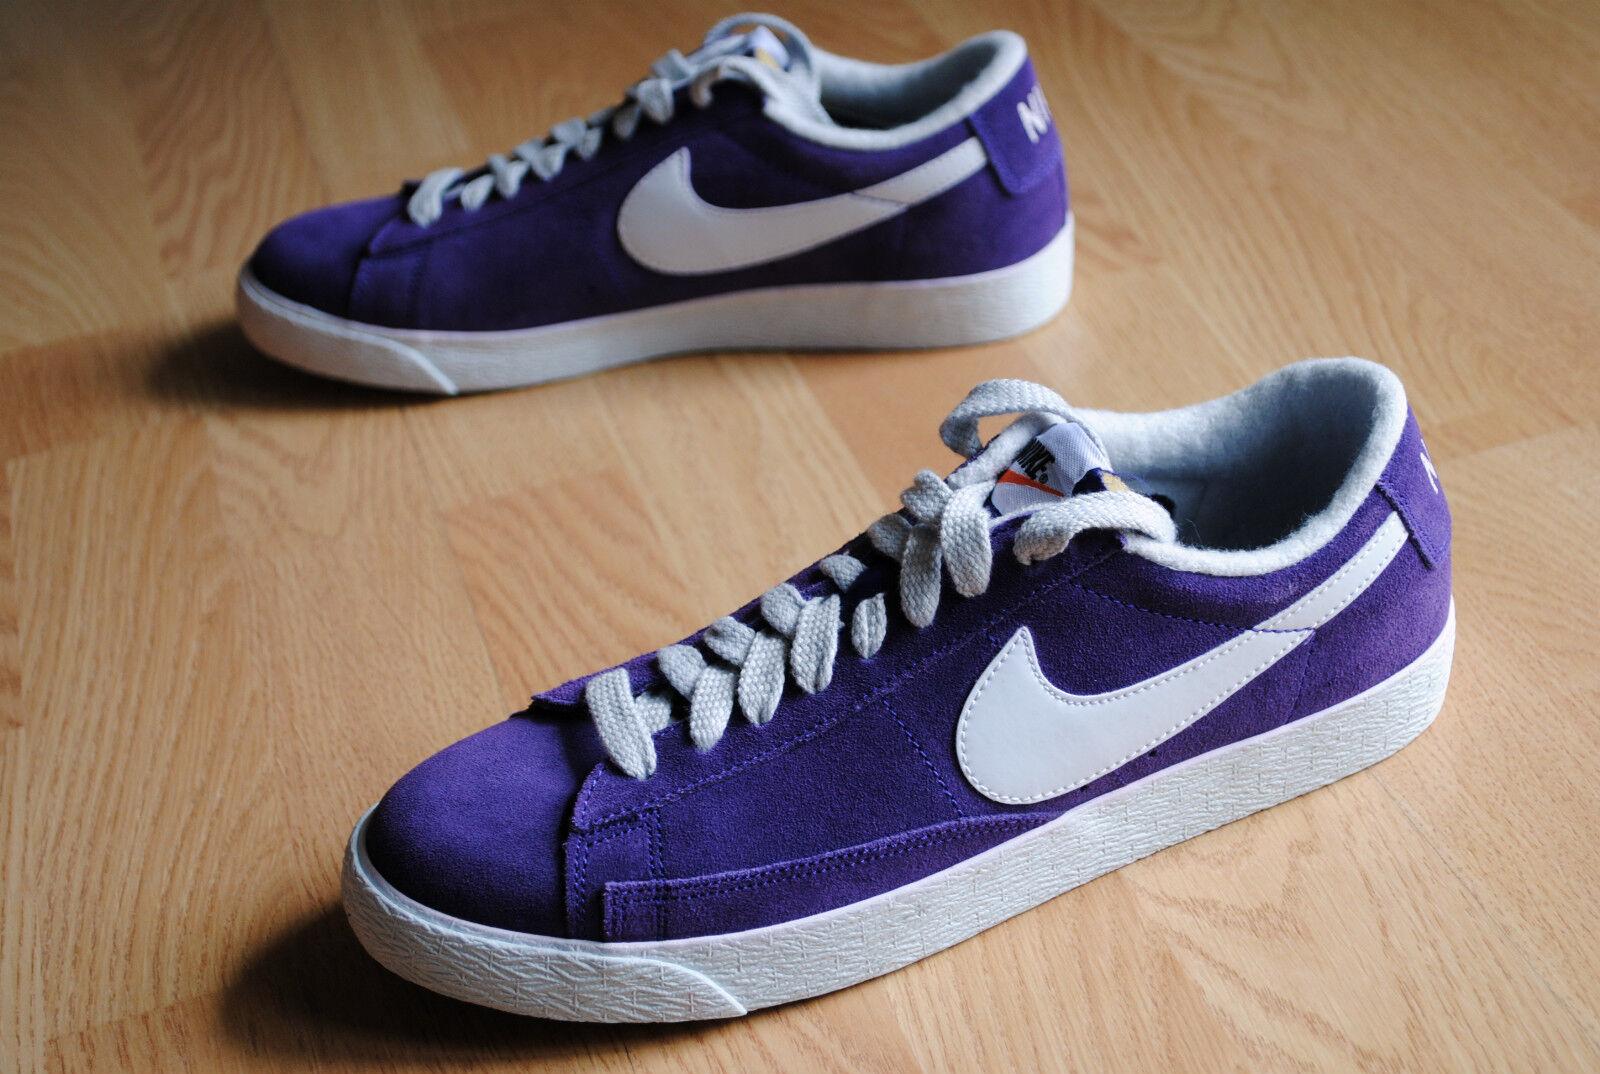 Nike Blazer Premium Vntg Suede Suede Suede 41 42 43 44 bRuIn air fOrCe 1 Vintage cOrTez defc4a